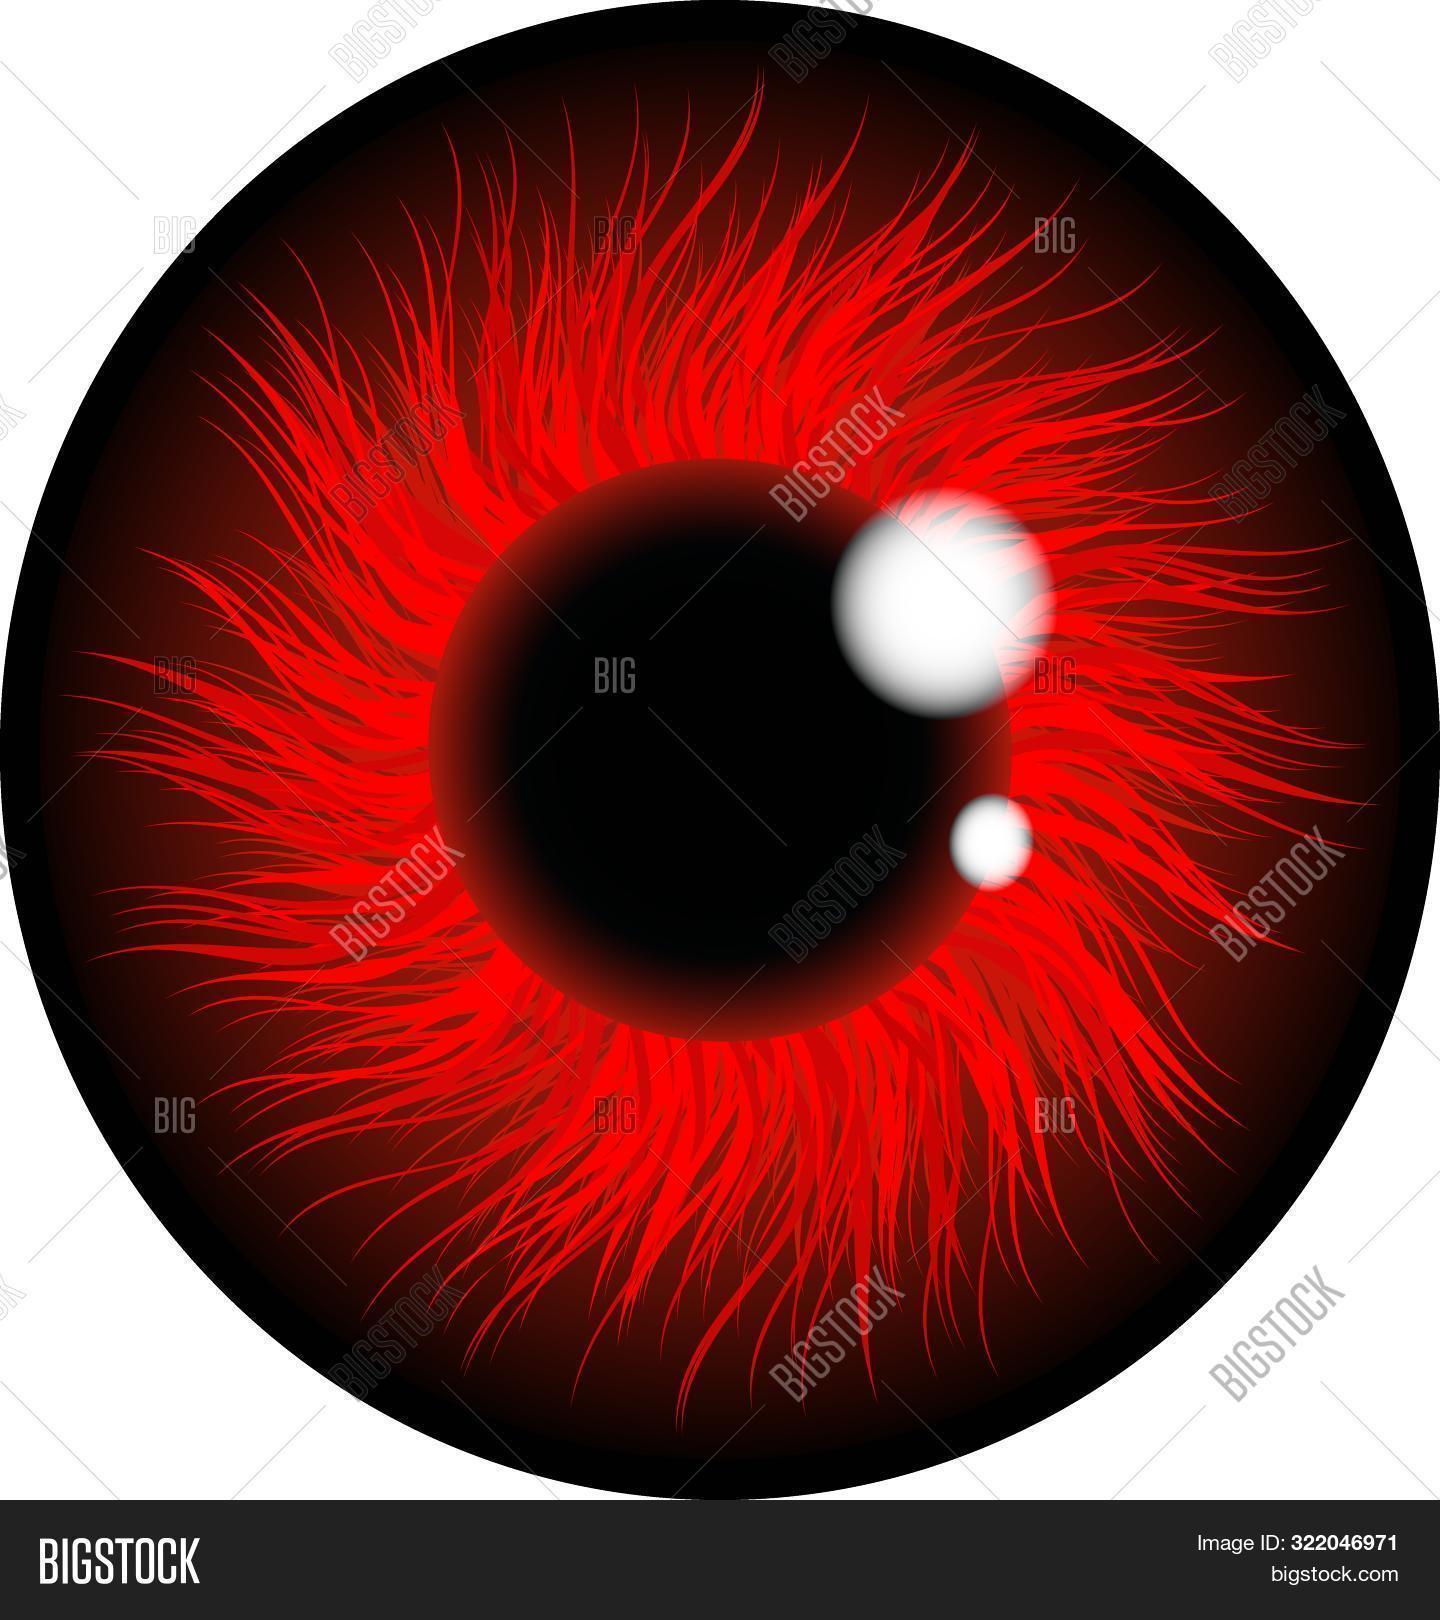 Red Eye Pupil Retina Image & Photo (Free Trial) | Bigstock